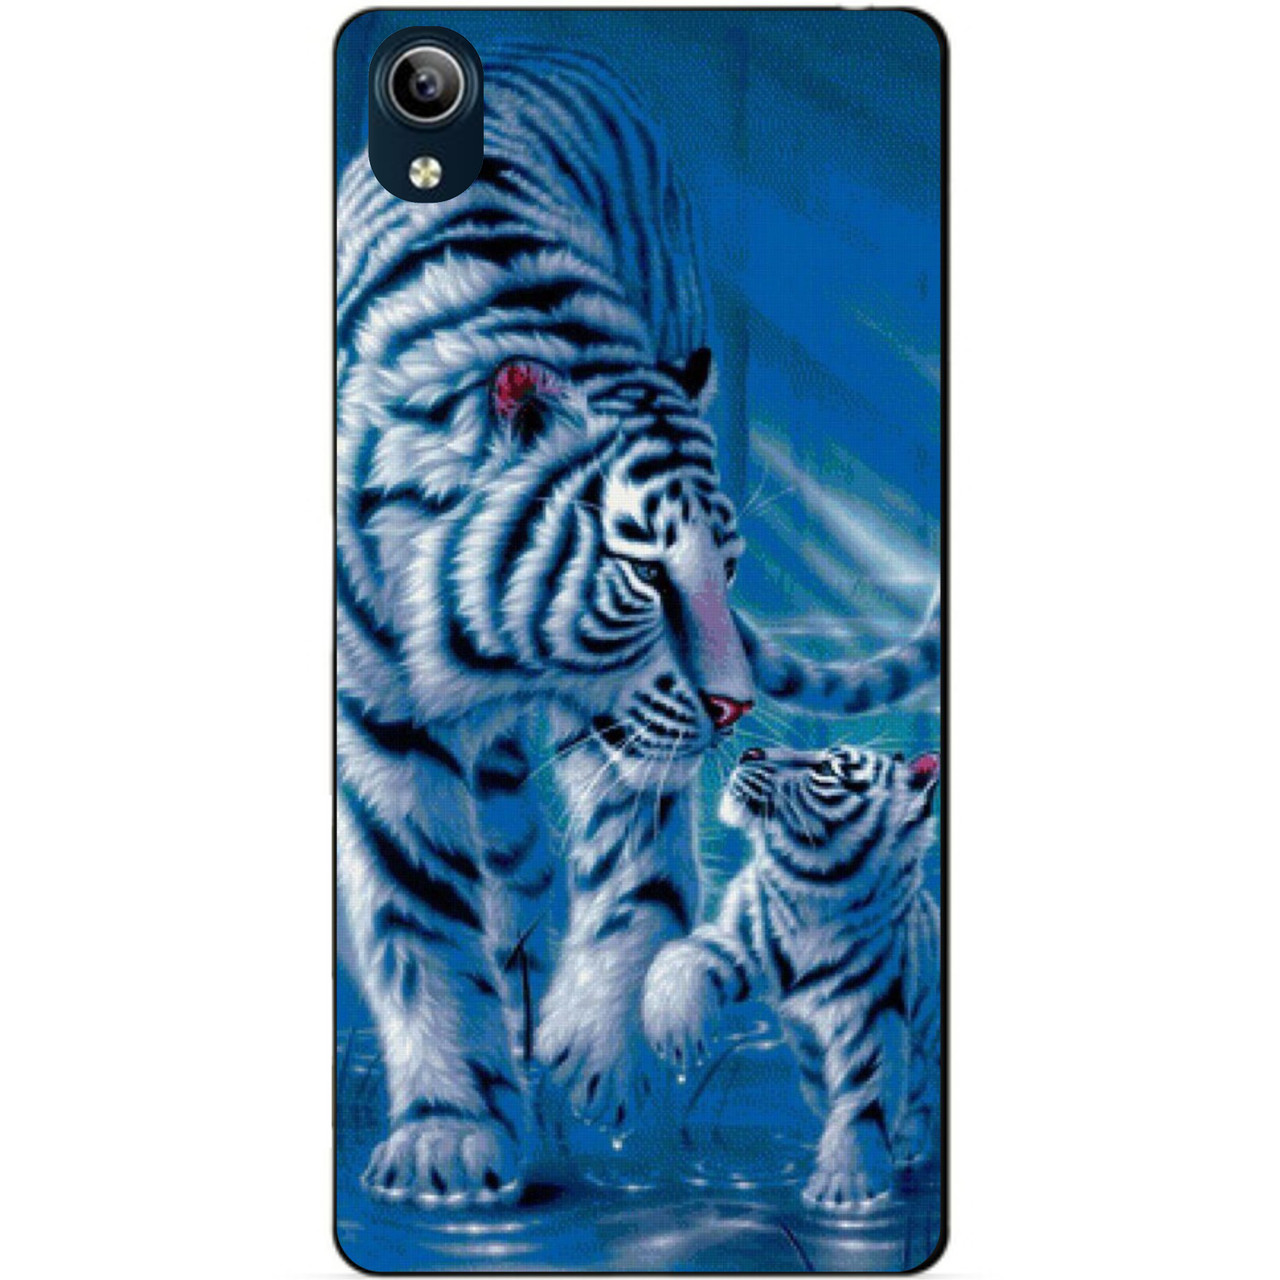 Силиконовый бампер чехол для Vivo Y1s с рисунком Тигры